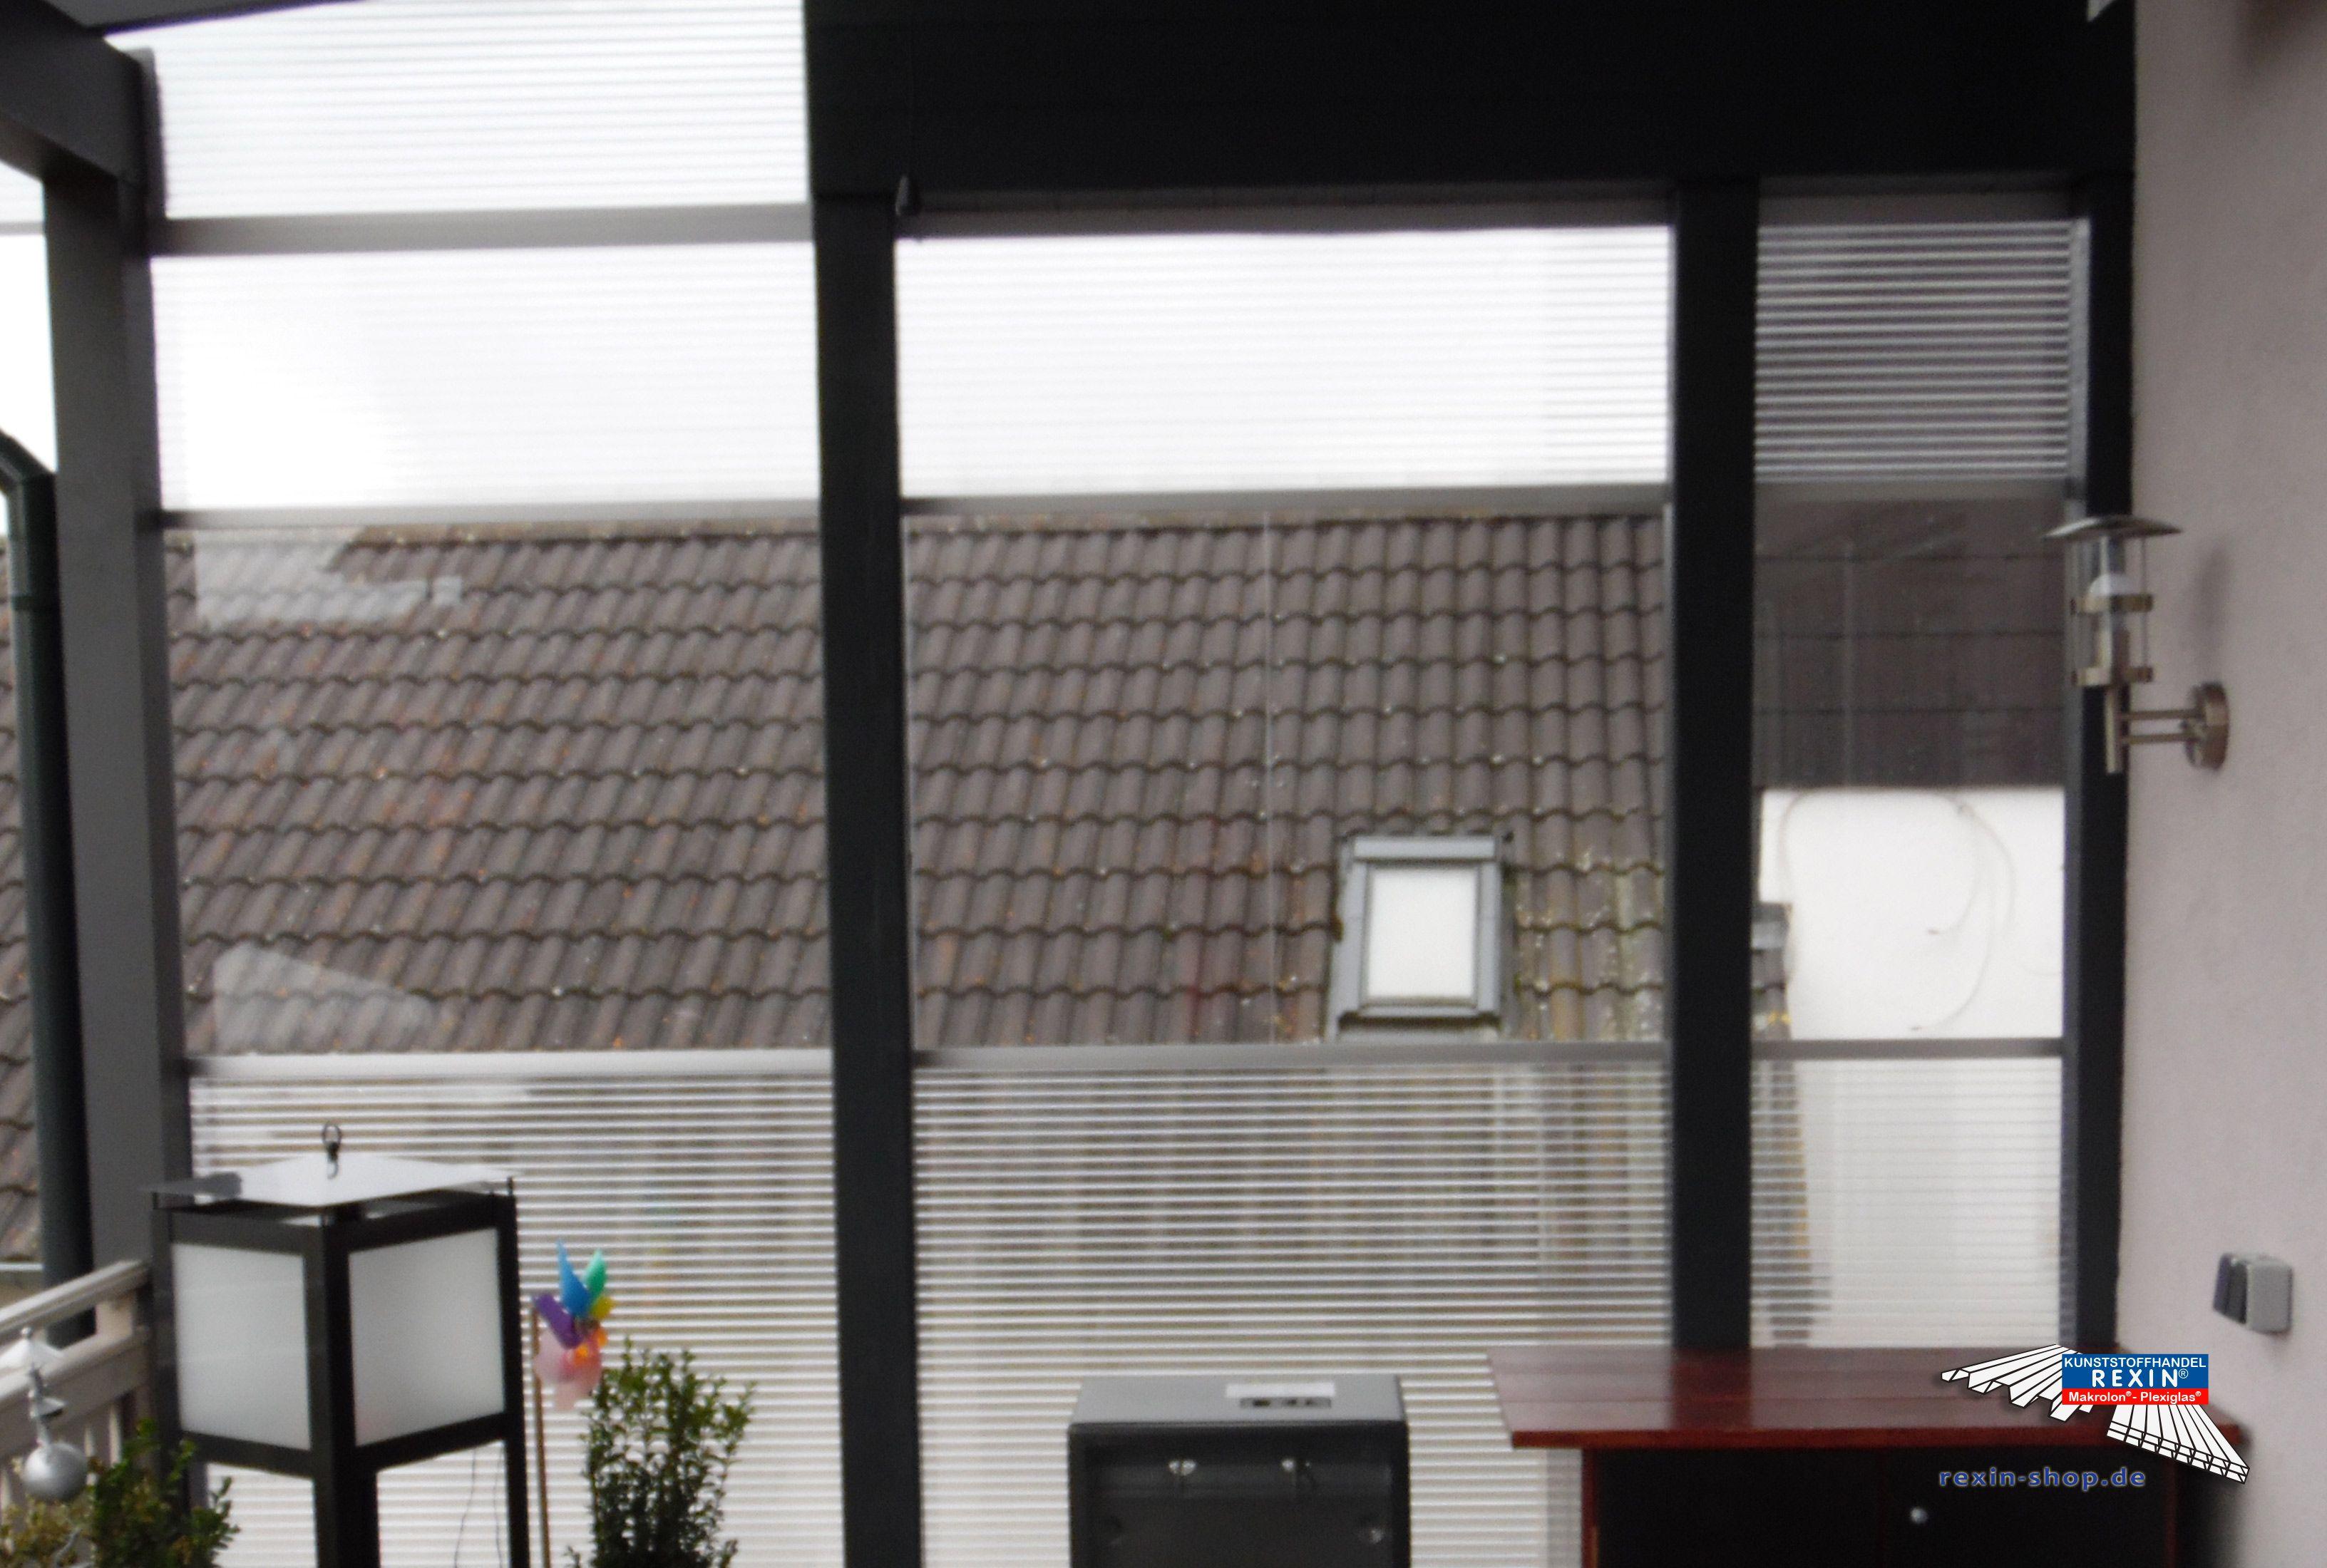 Ein AluTerrassendach der Marke REXOclassic 5,79m x 3,5m